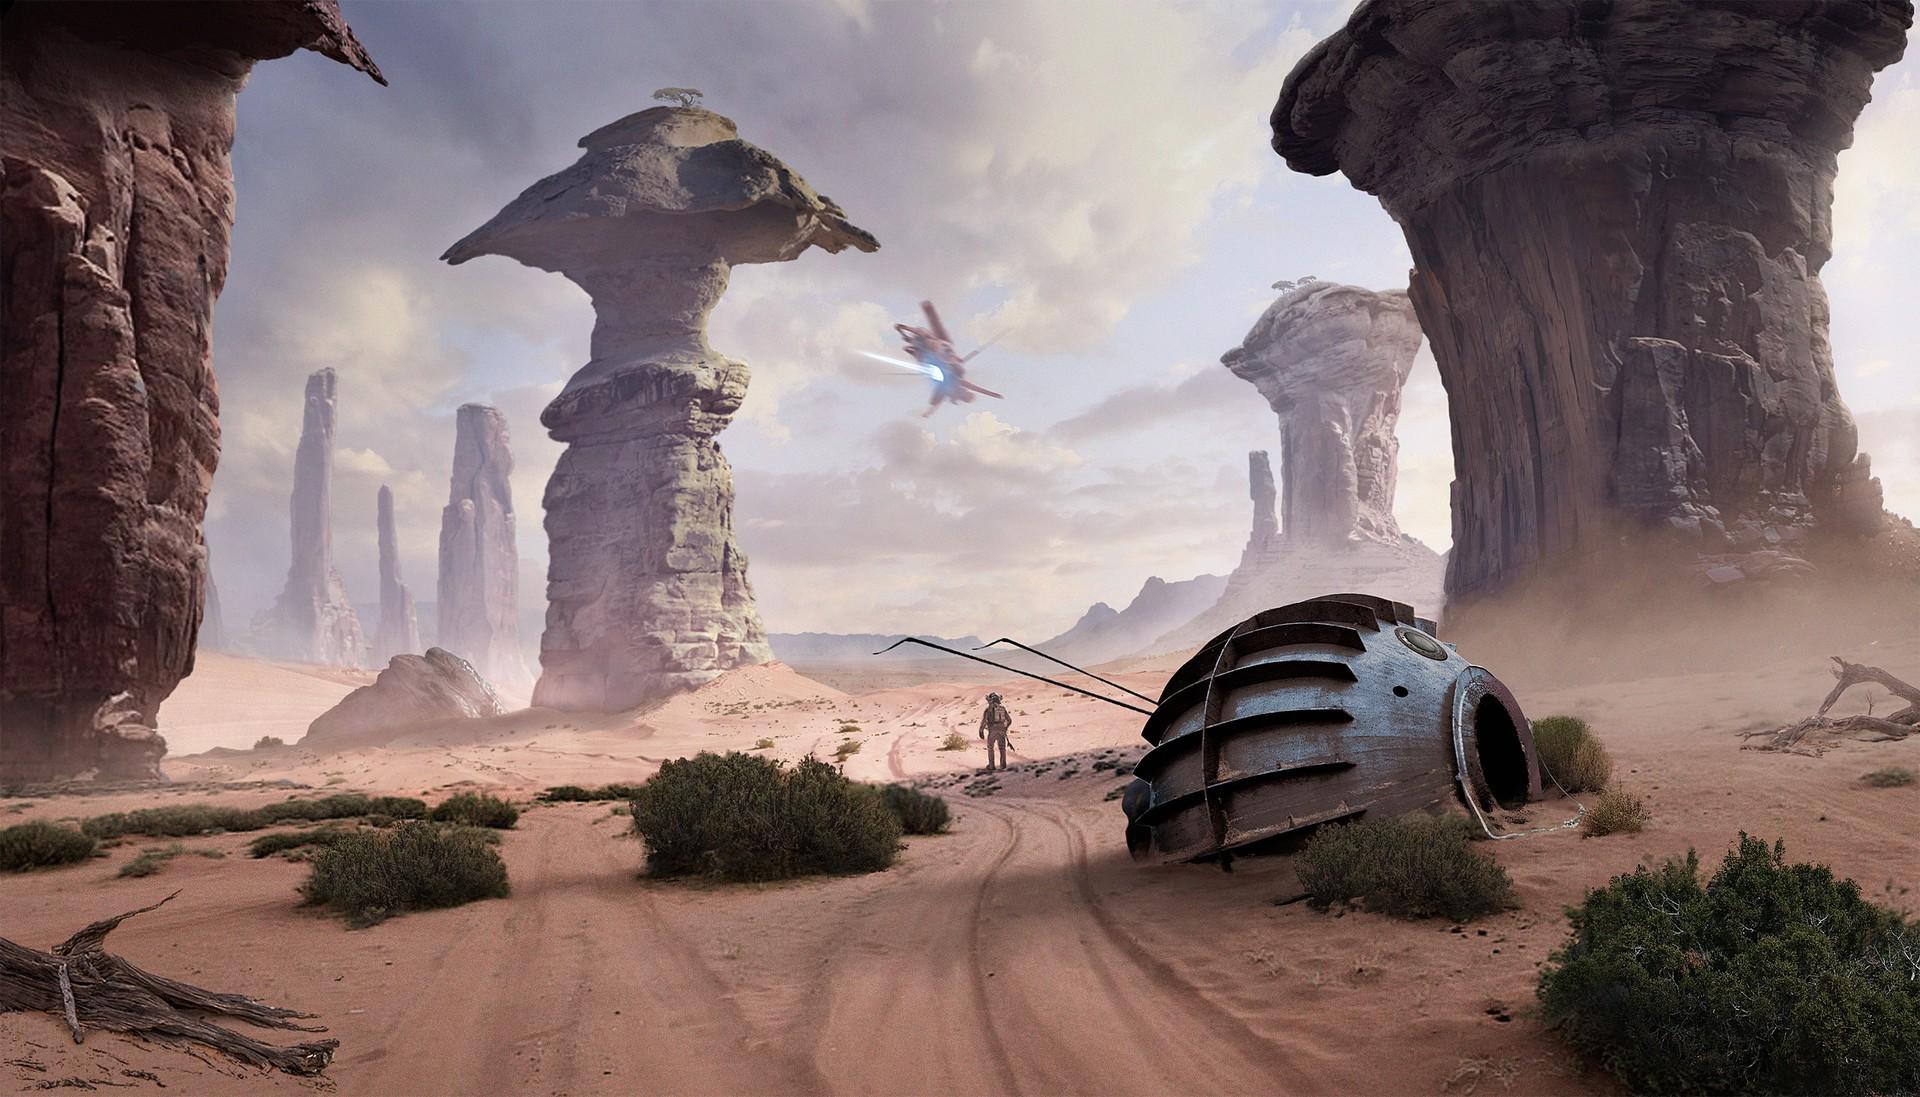 Star Wars Desktop Posted By Ryan Sellers